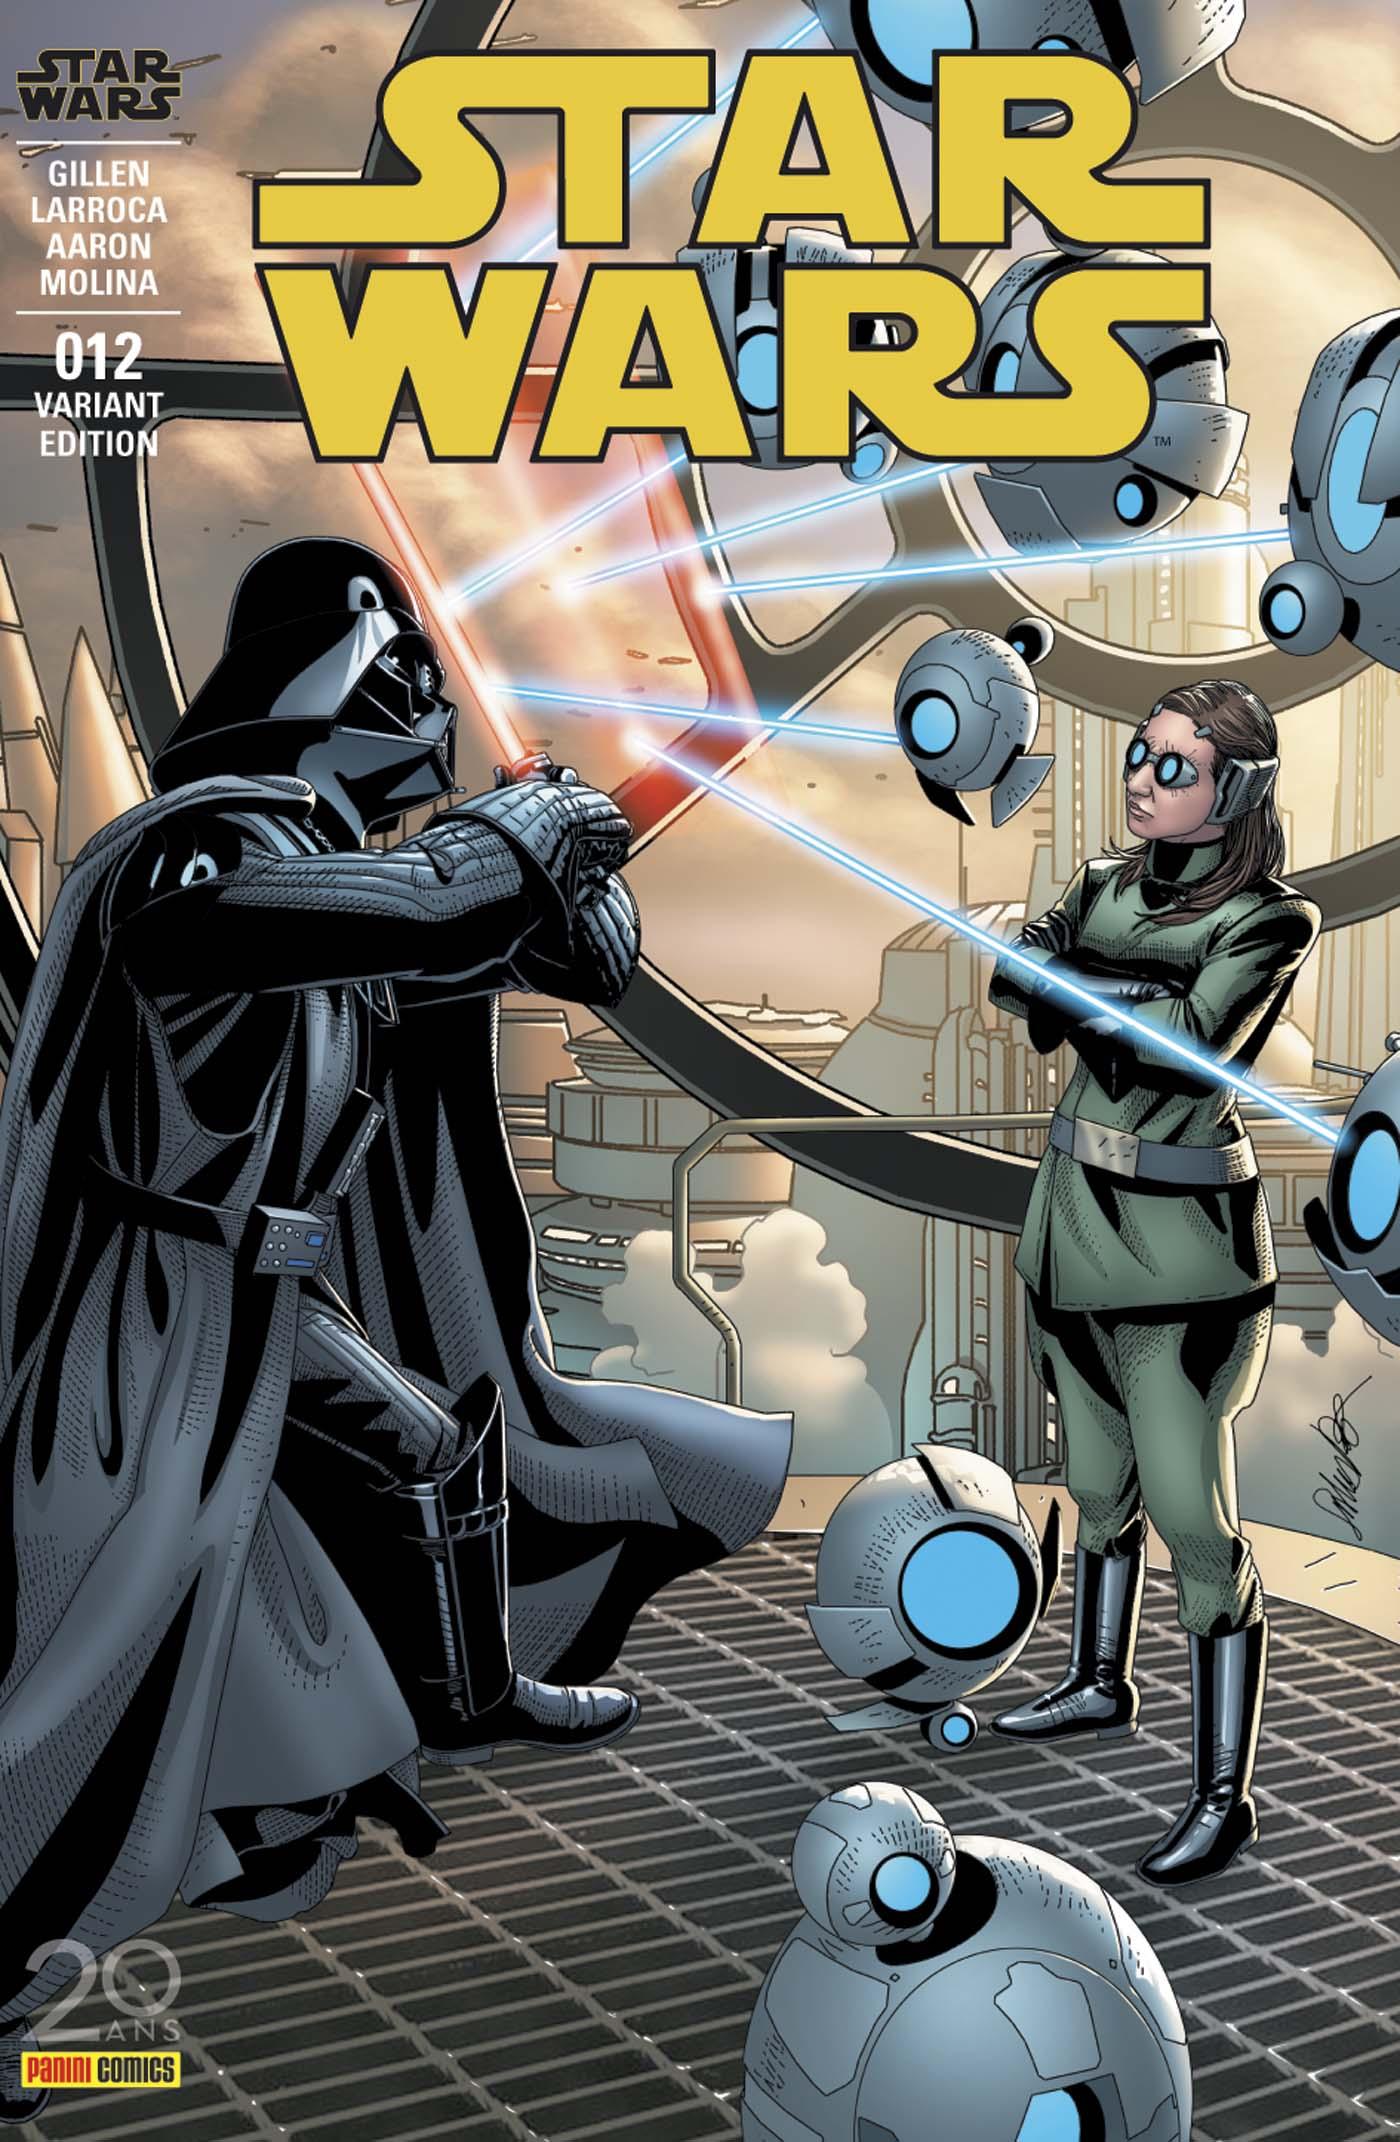 Star Wars 12 - couverture régulière : 2/2 (Salvador Larroca – tirage 50%)